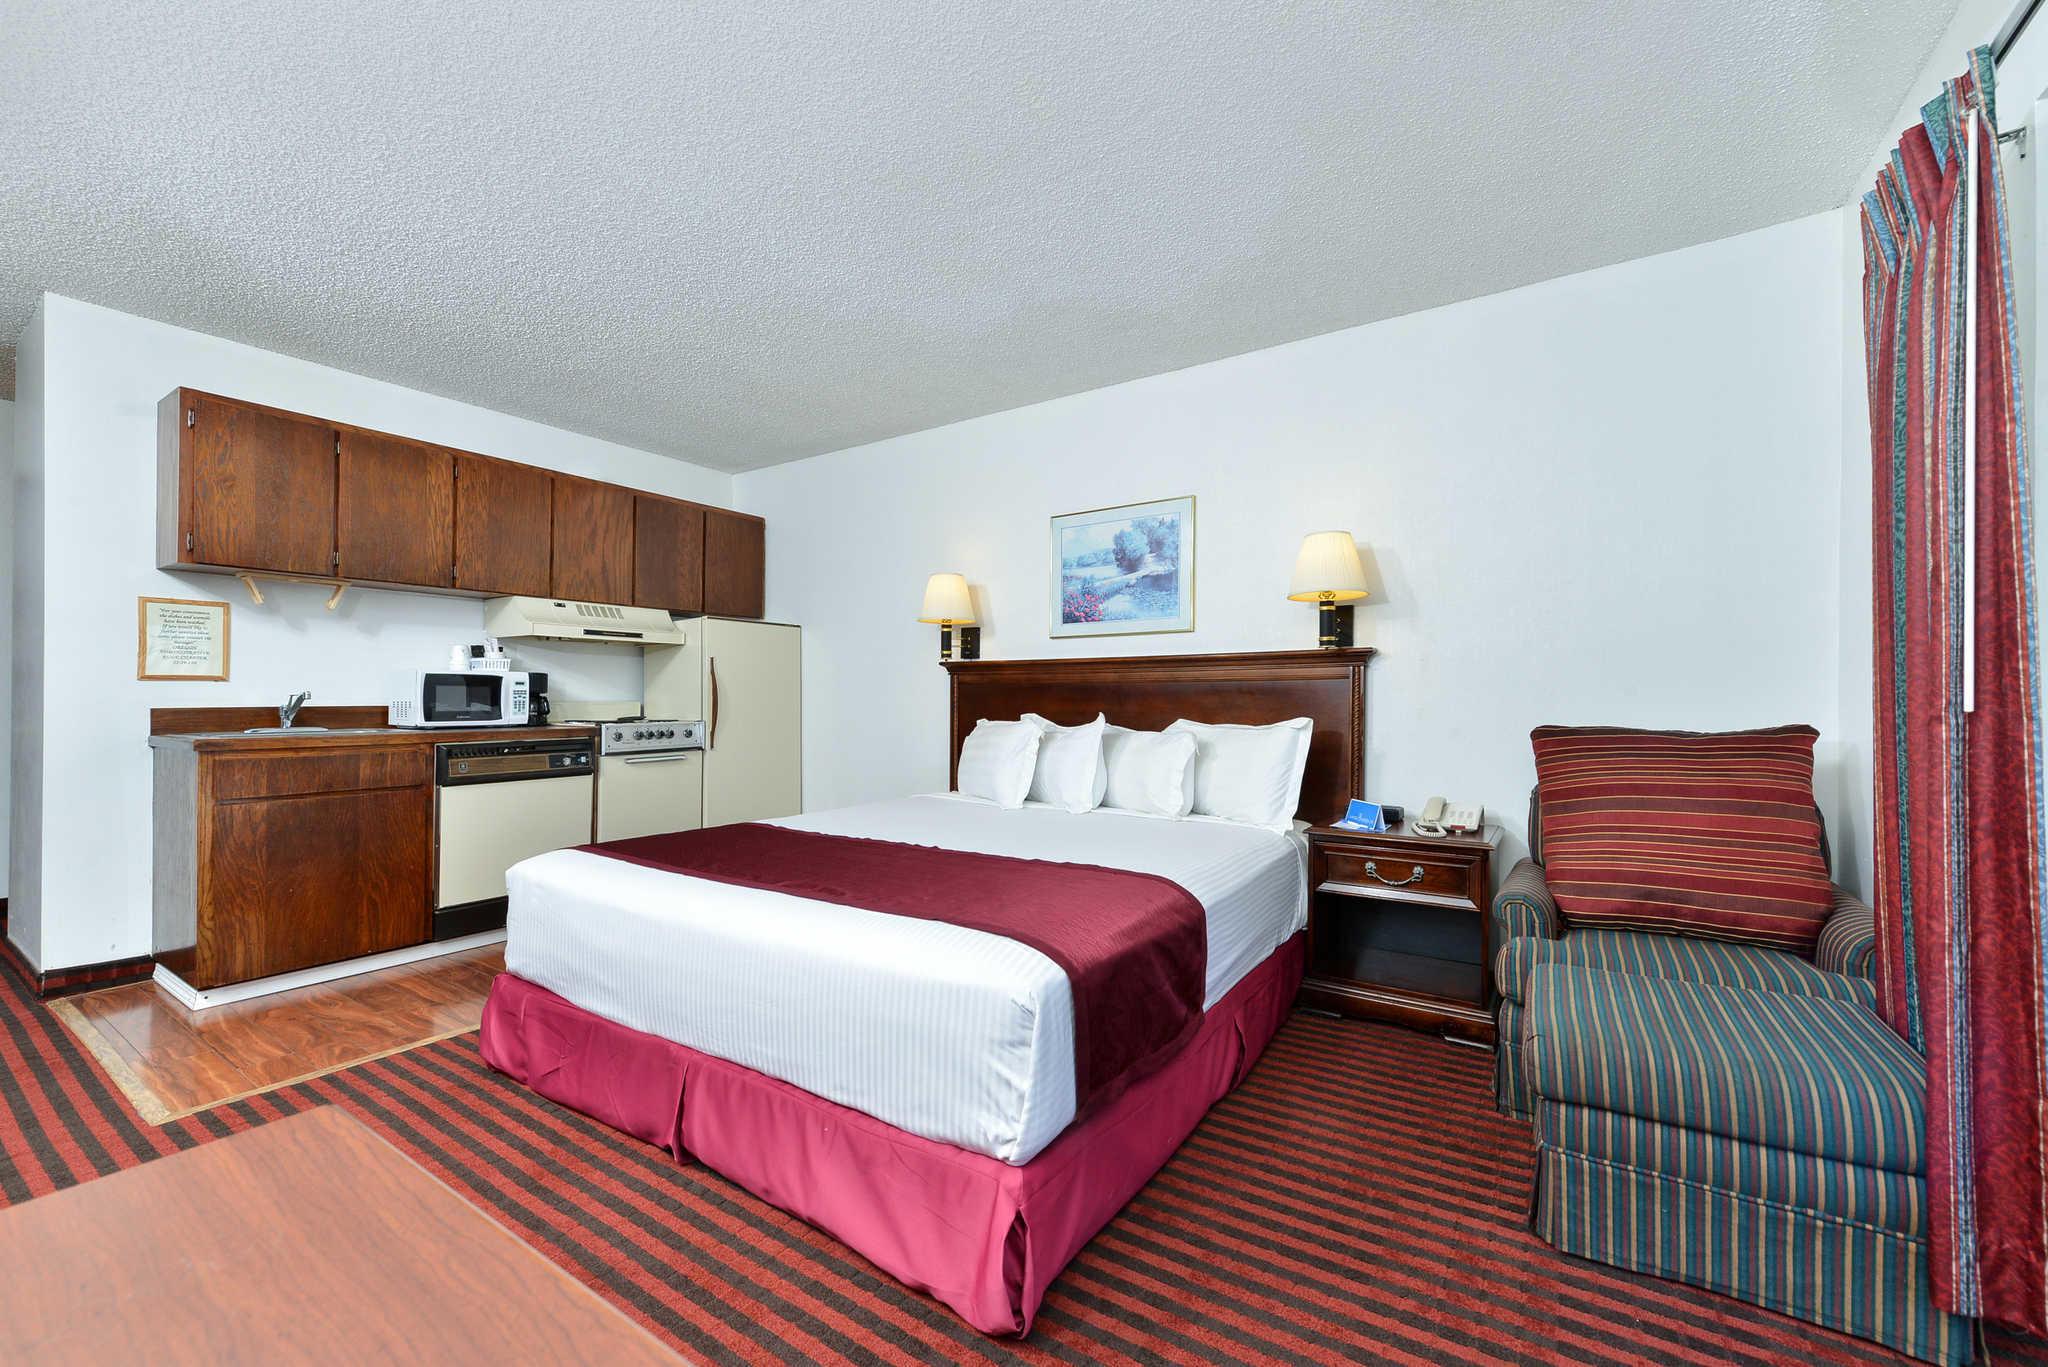 Rodeway Inn & Suites - Closed image 11